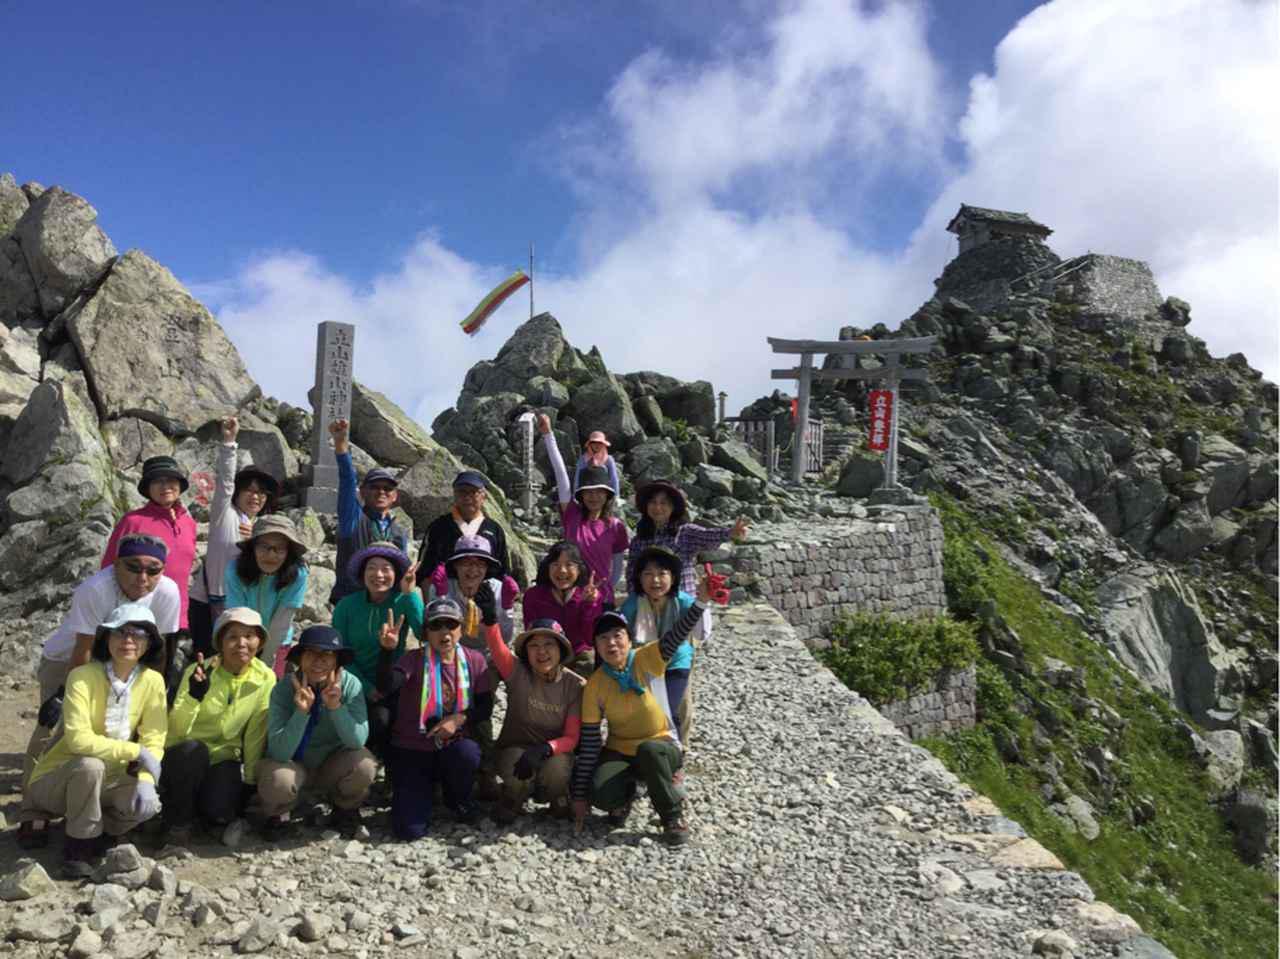 画像: 登山ツアーが初心者にピッタリな理由|初心者向けお勧めツアーも紹介